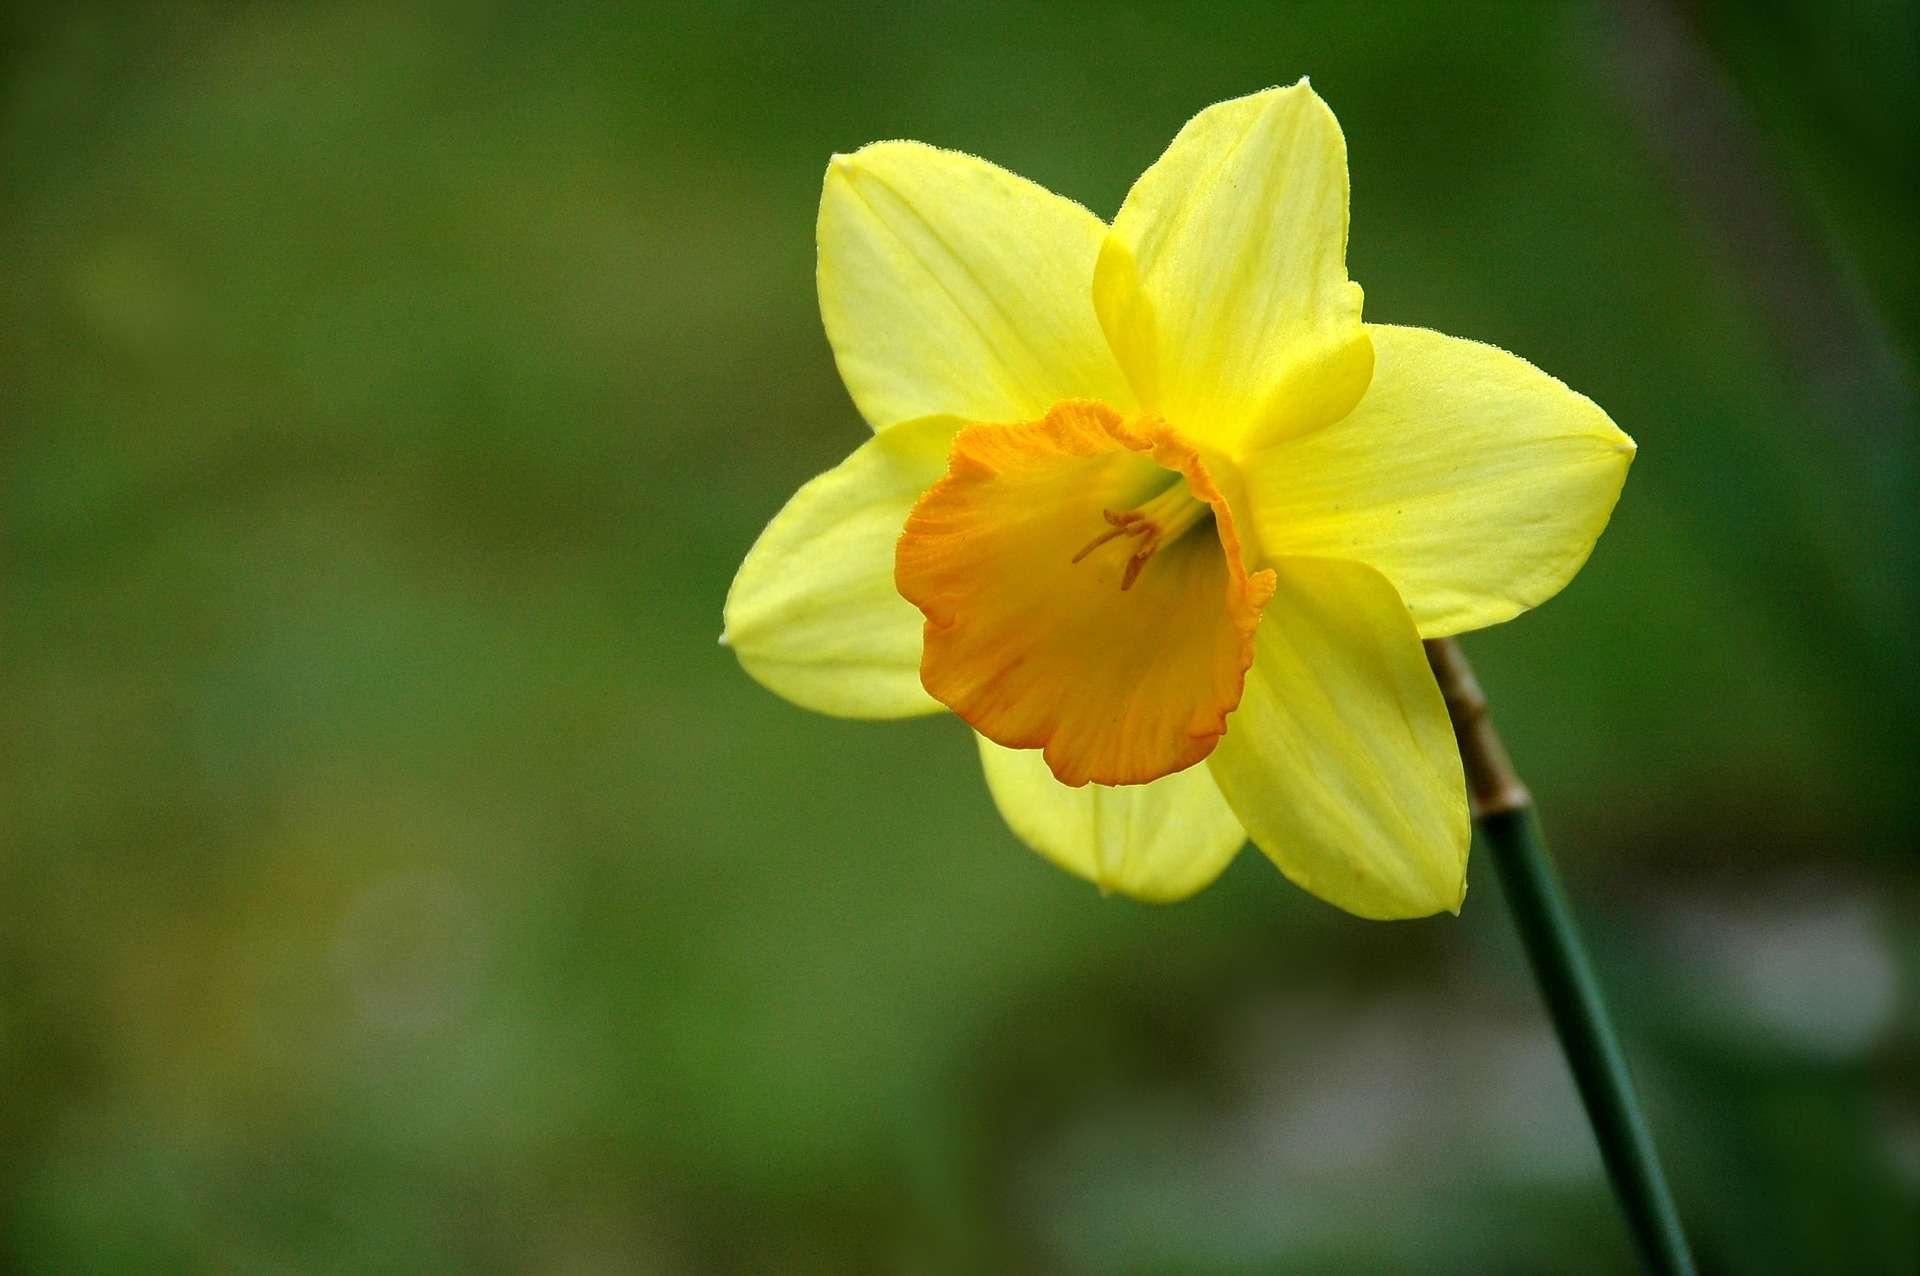 dafodil plant